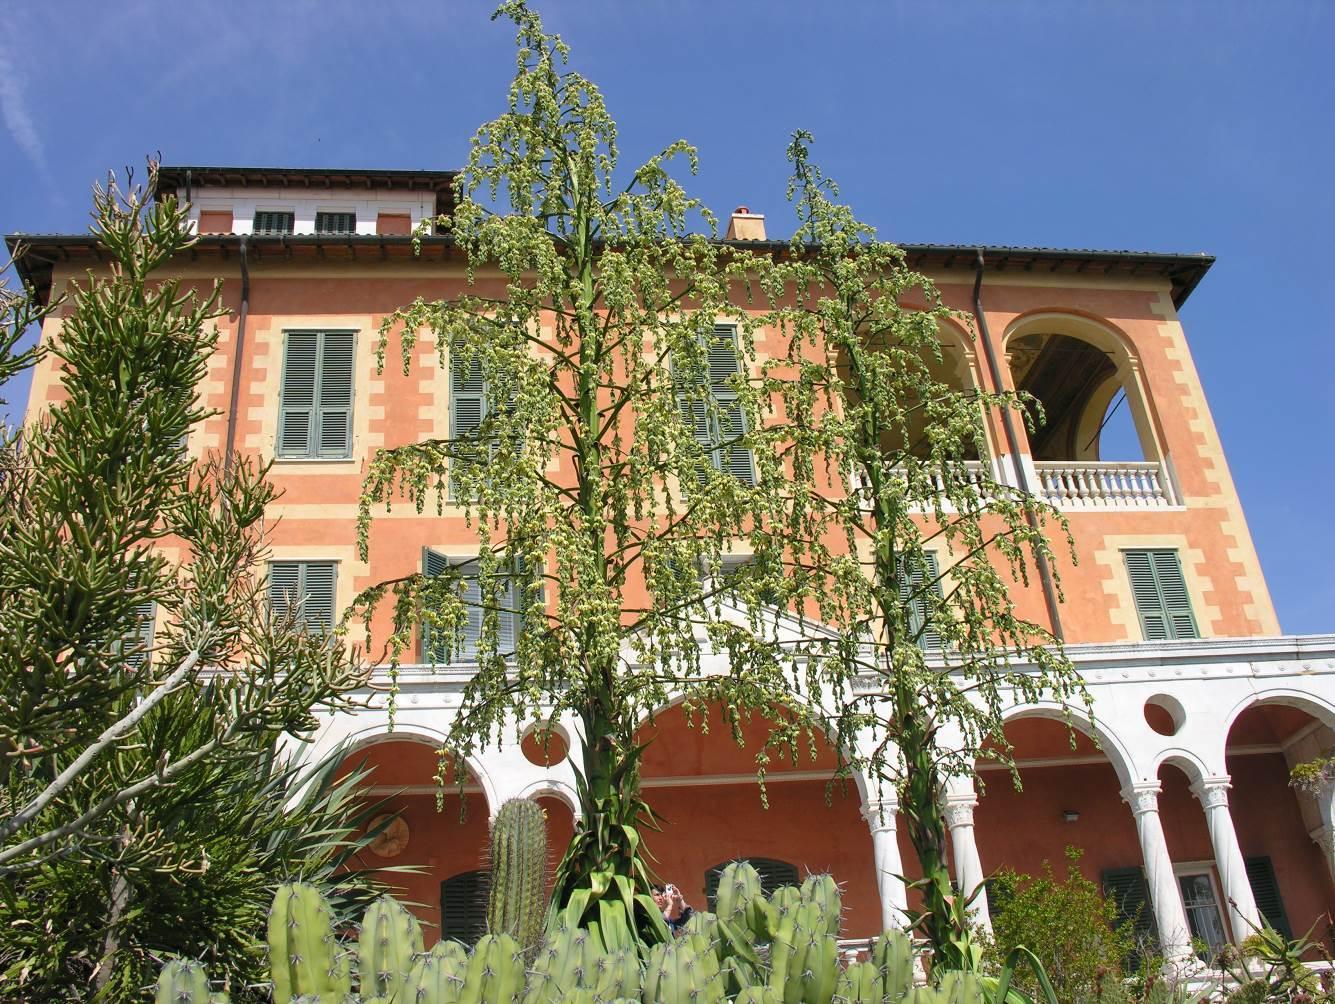 Domenica 2 giugno alle ore 10 e 30, nella Sala dei Camini del Palazzo dei Giardini Botanici Hanbury di Ventimiglia, si terrà la premiazione dei vincitori della quinta edizione del…